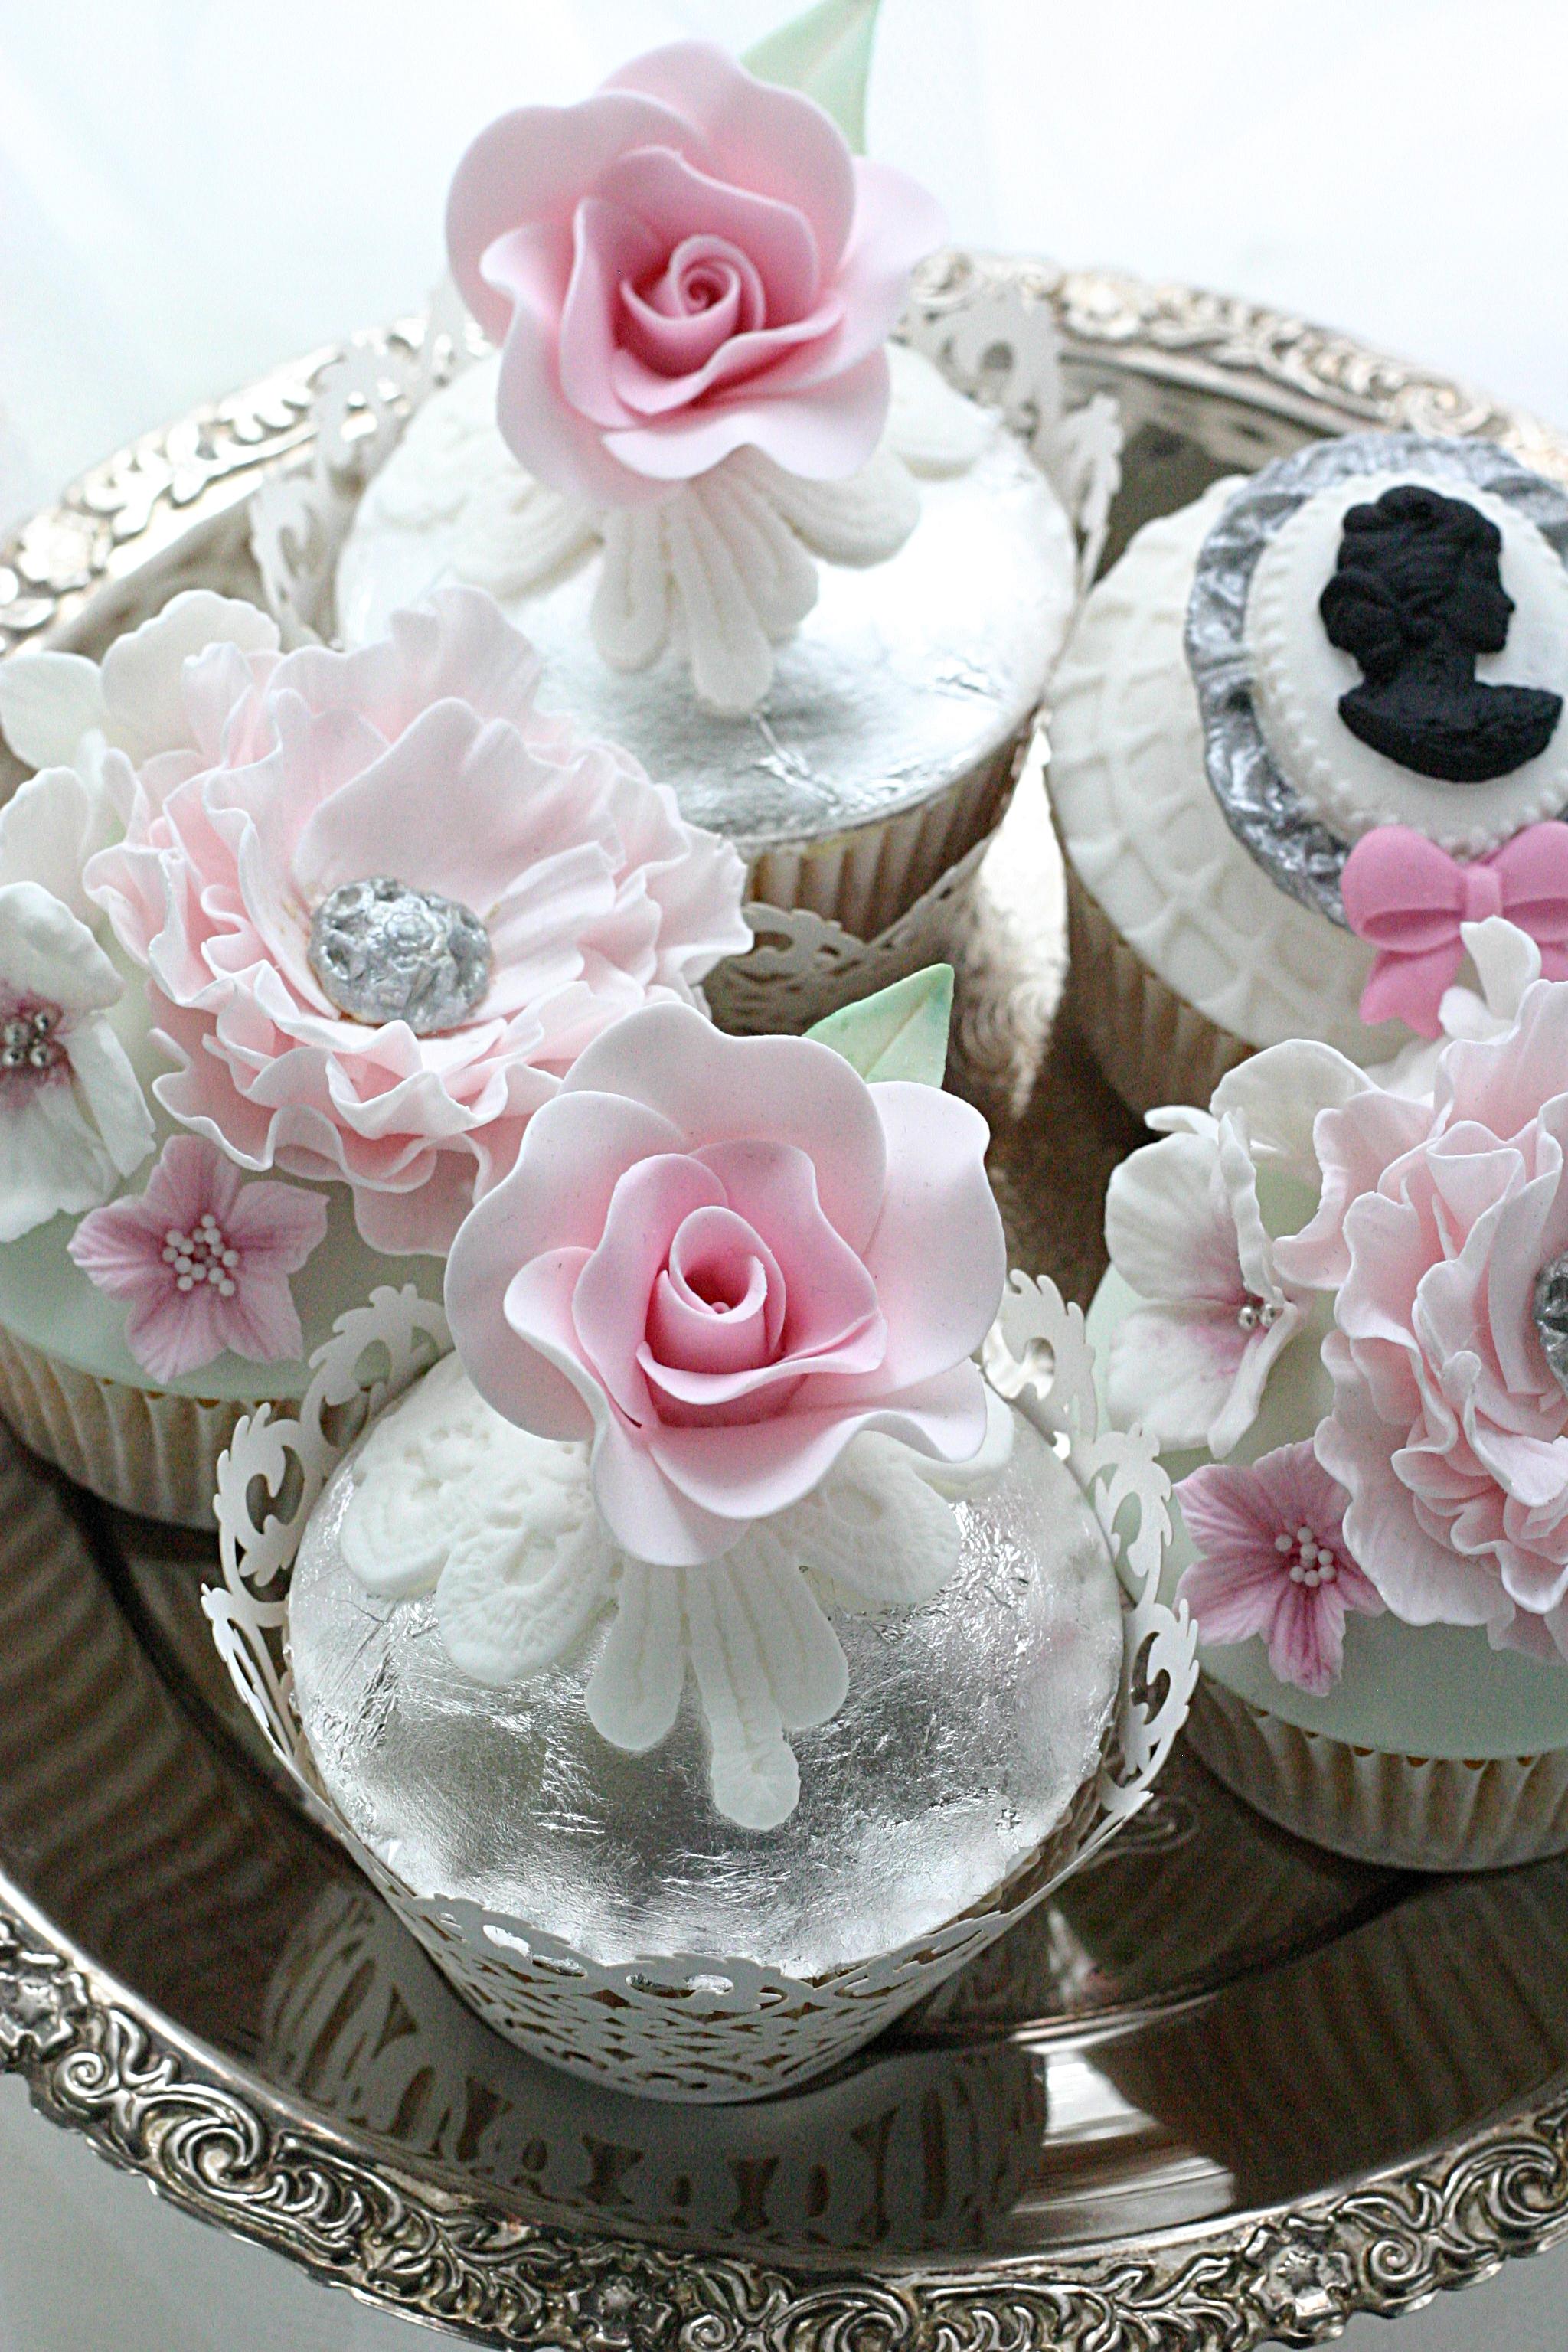 Elegant vintage style cupcakes